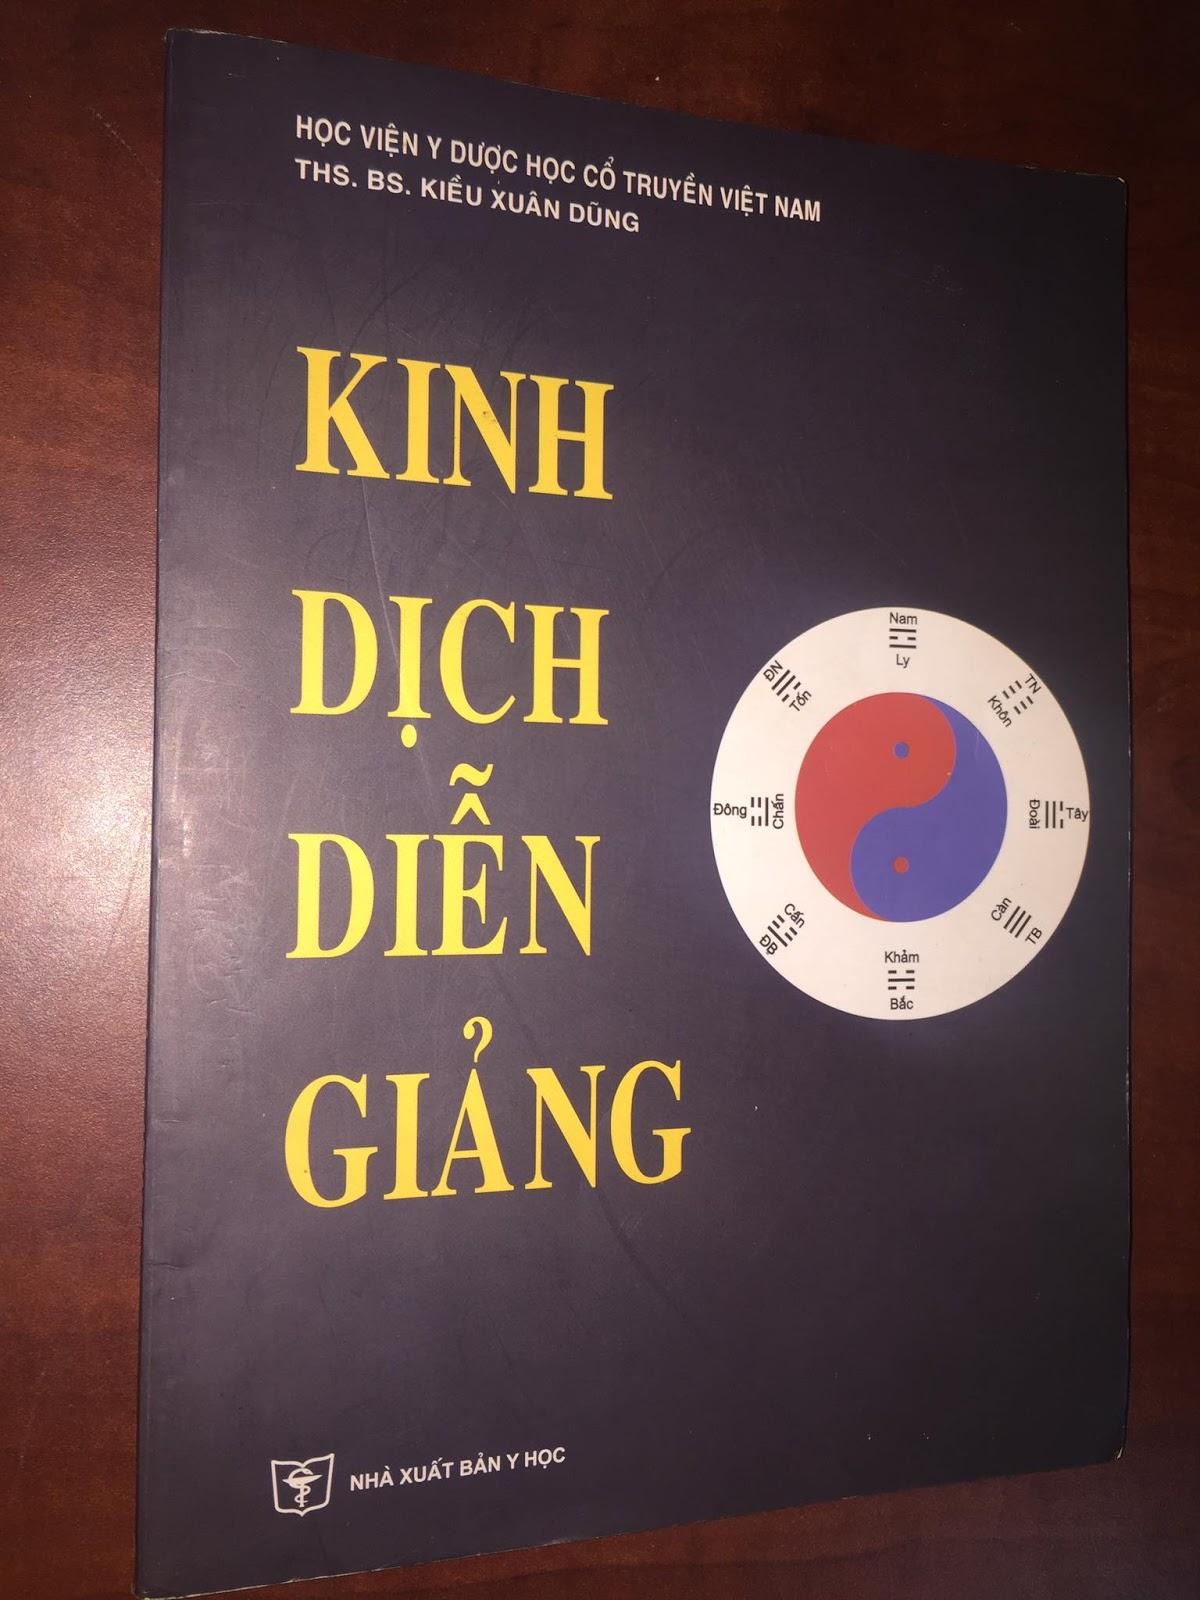 Kinh dịch diễn giảng do Học viện y dược học cổ truyền Việt Nam